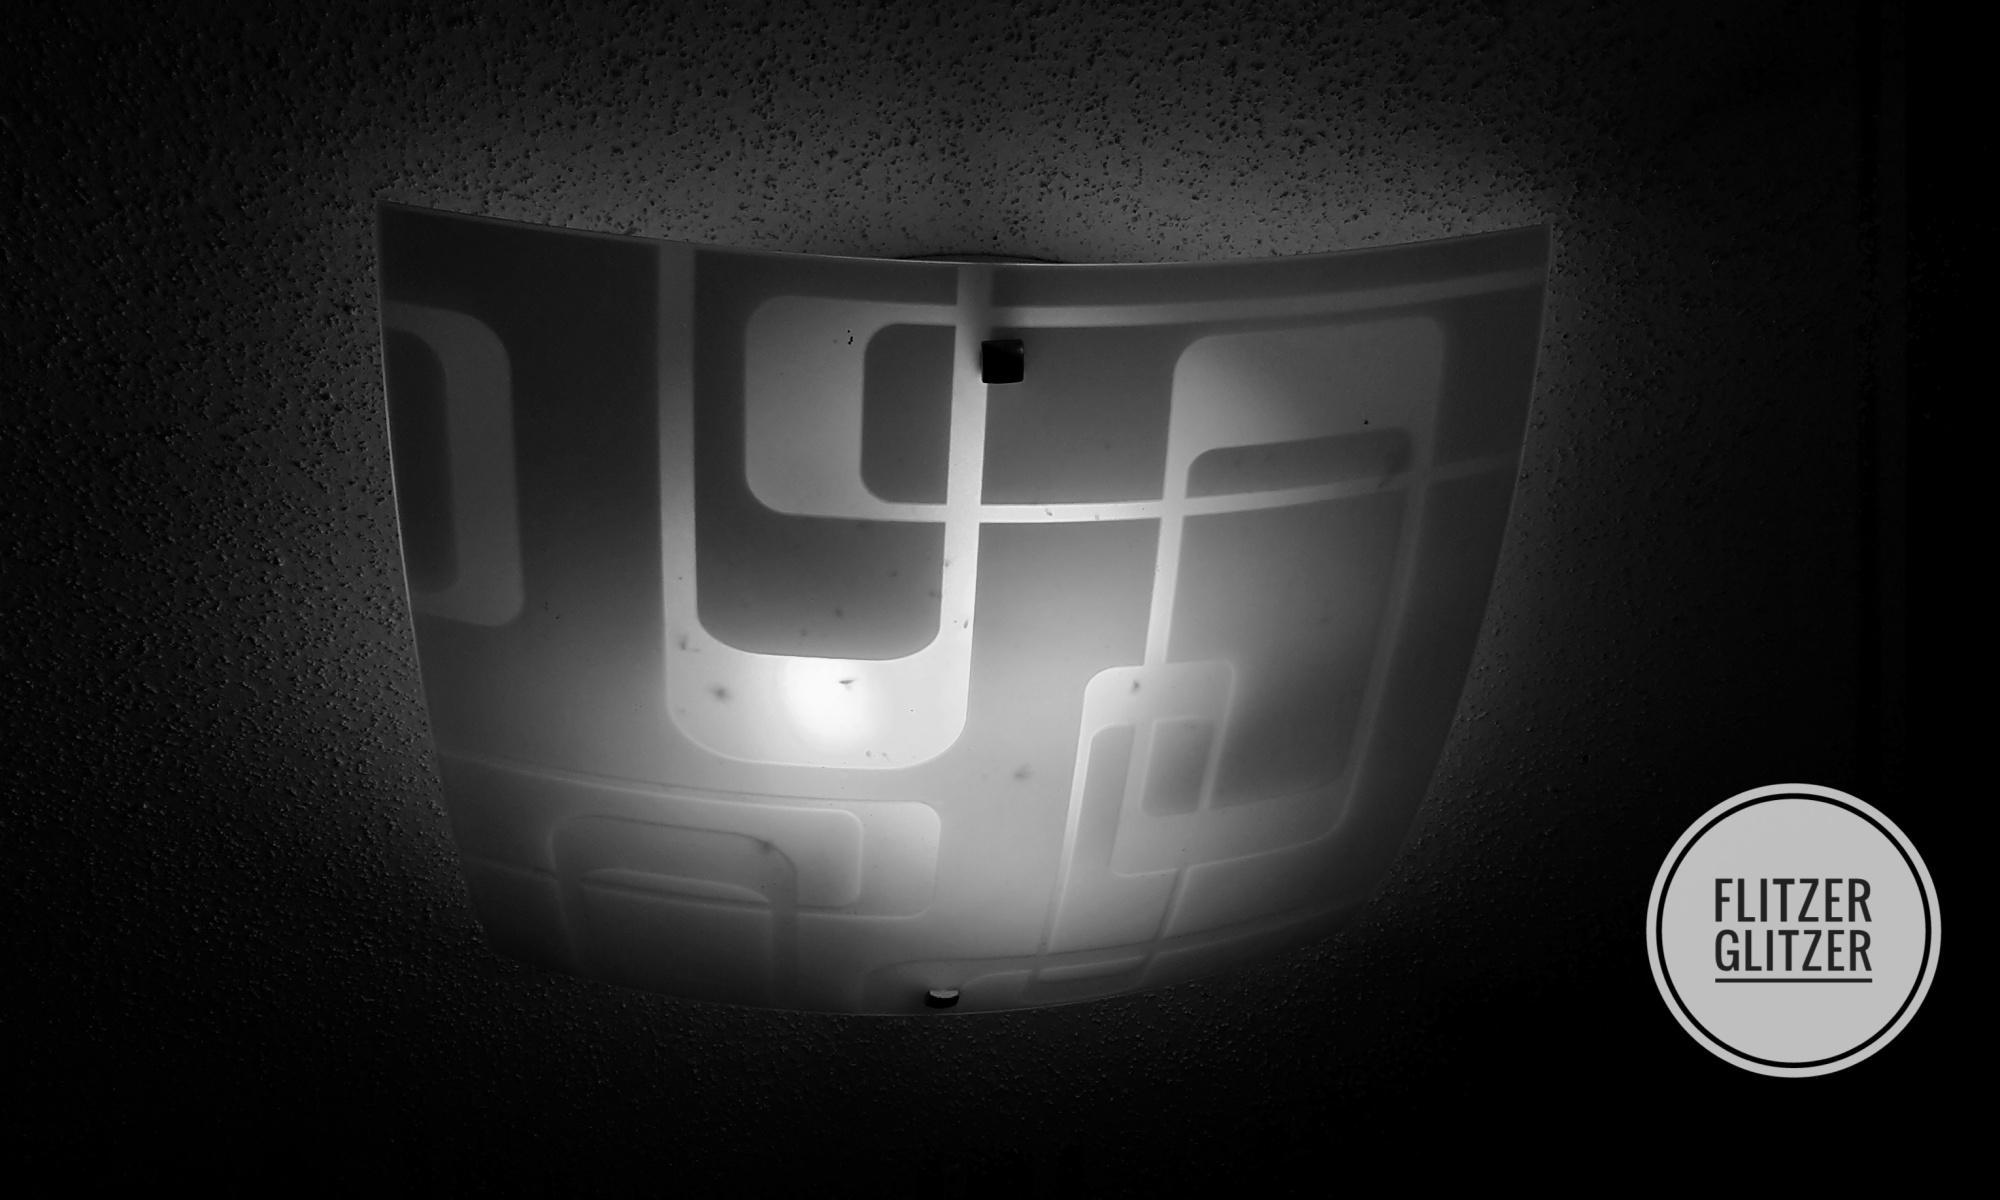 Glasschirm einer Deckenlampe mit verendeten Tierchen im Inneren